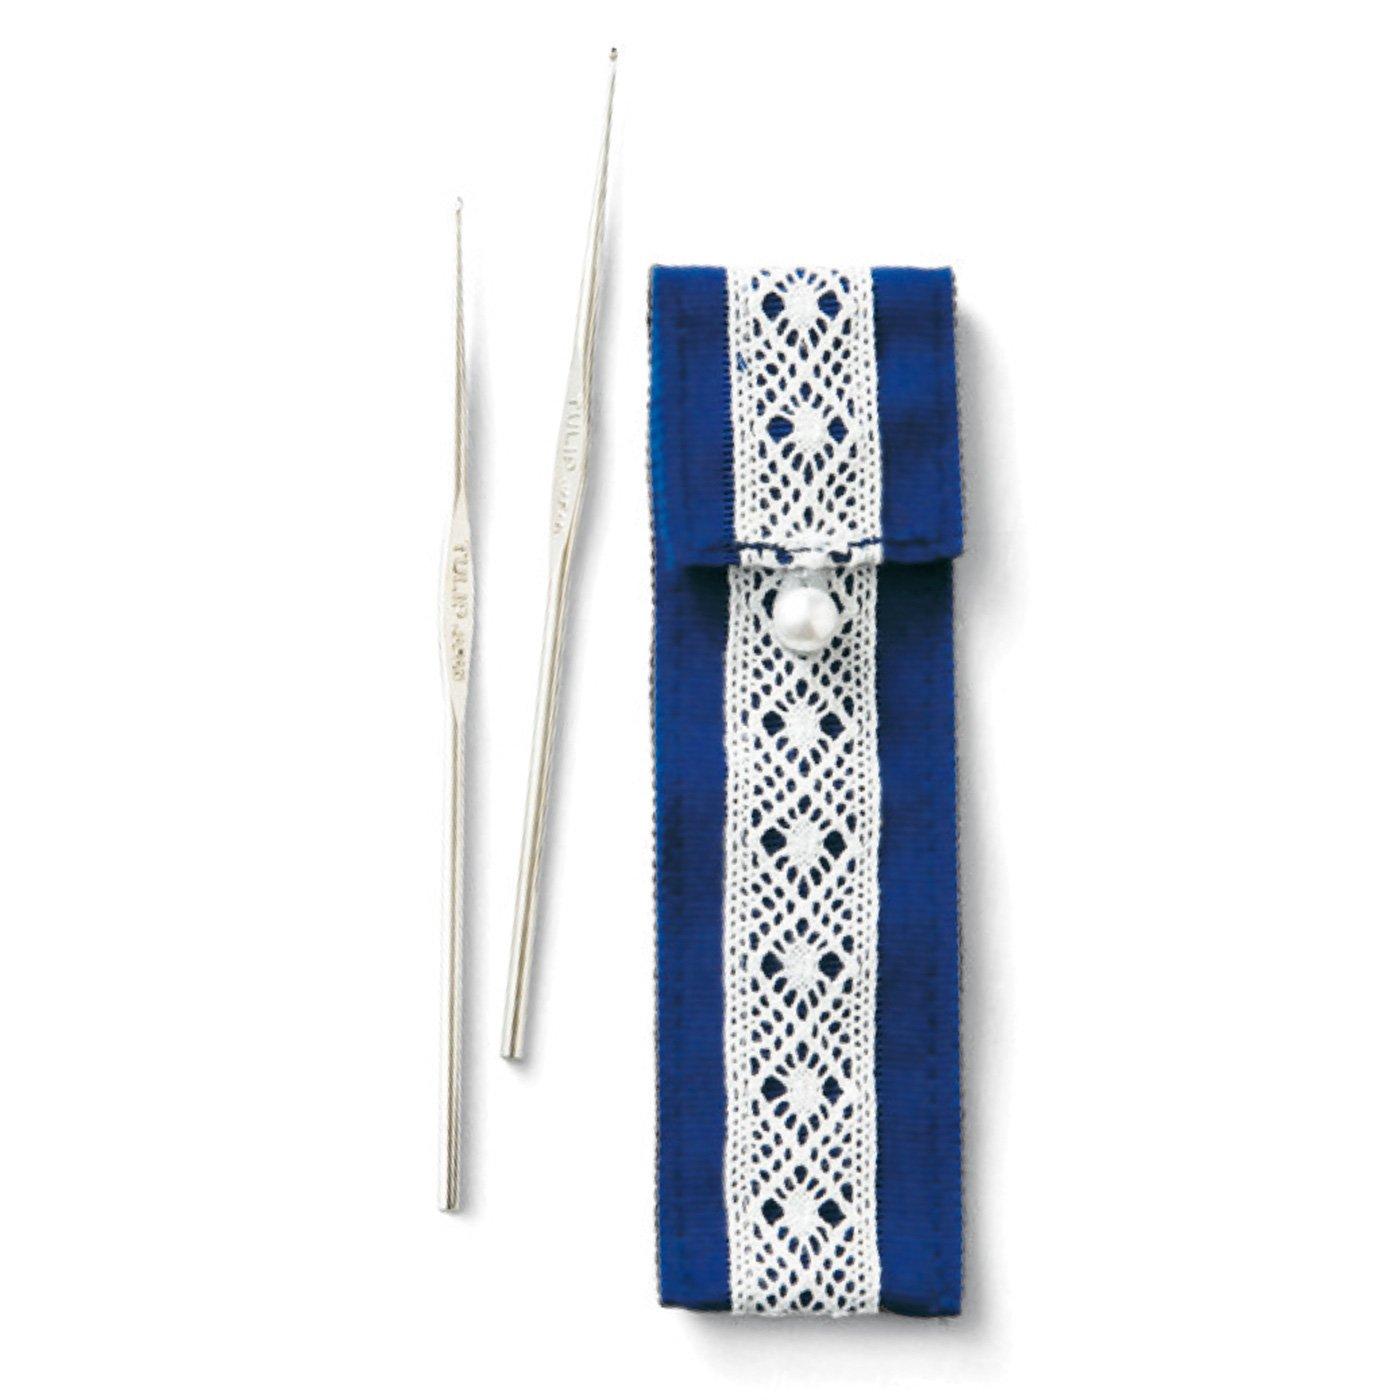 繊細なレース編みのためのレース針セット